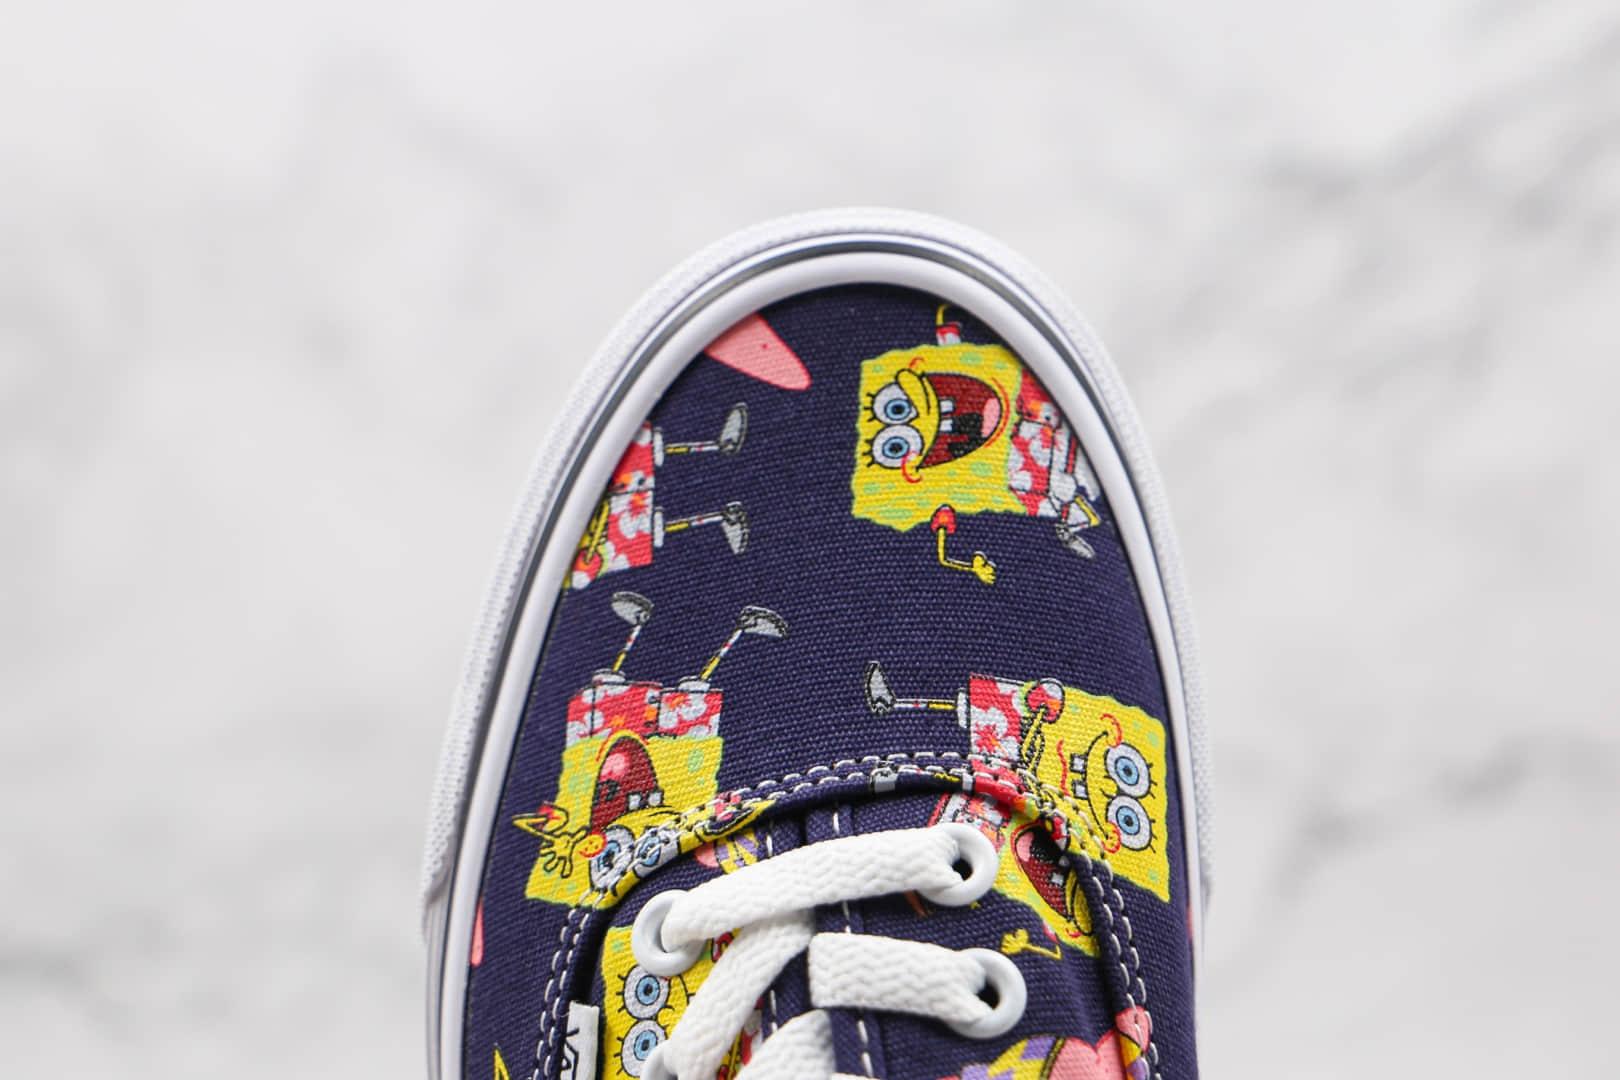 万斯Vans Authentic LX OG x Spongebob海绵宝宝联名款公司级版本暗蓝彩印卡通配色低帮硫化帆布鞋原盒原标 货号:VN0A3WM7YZ1